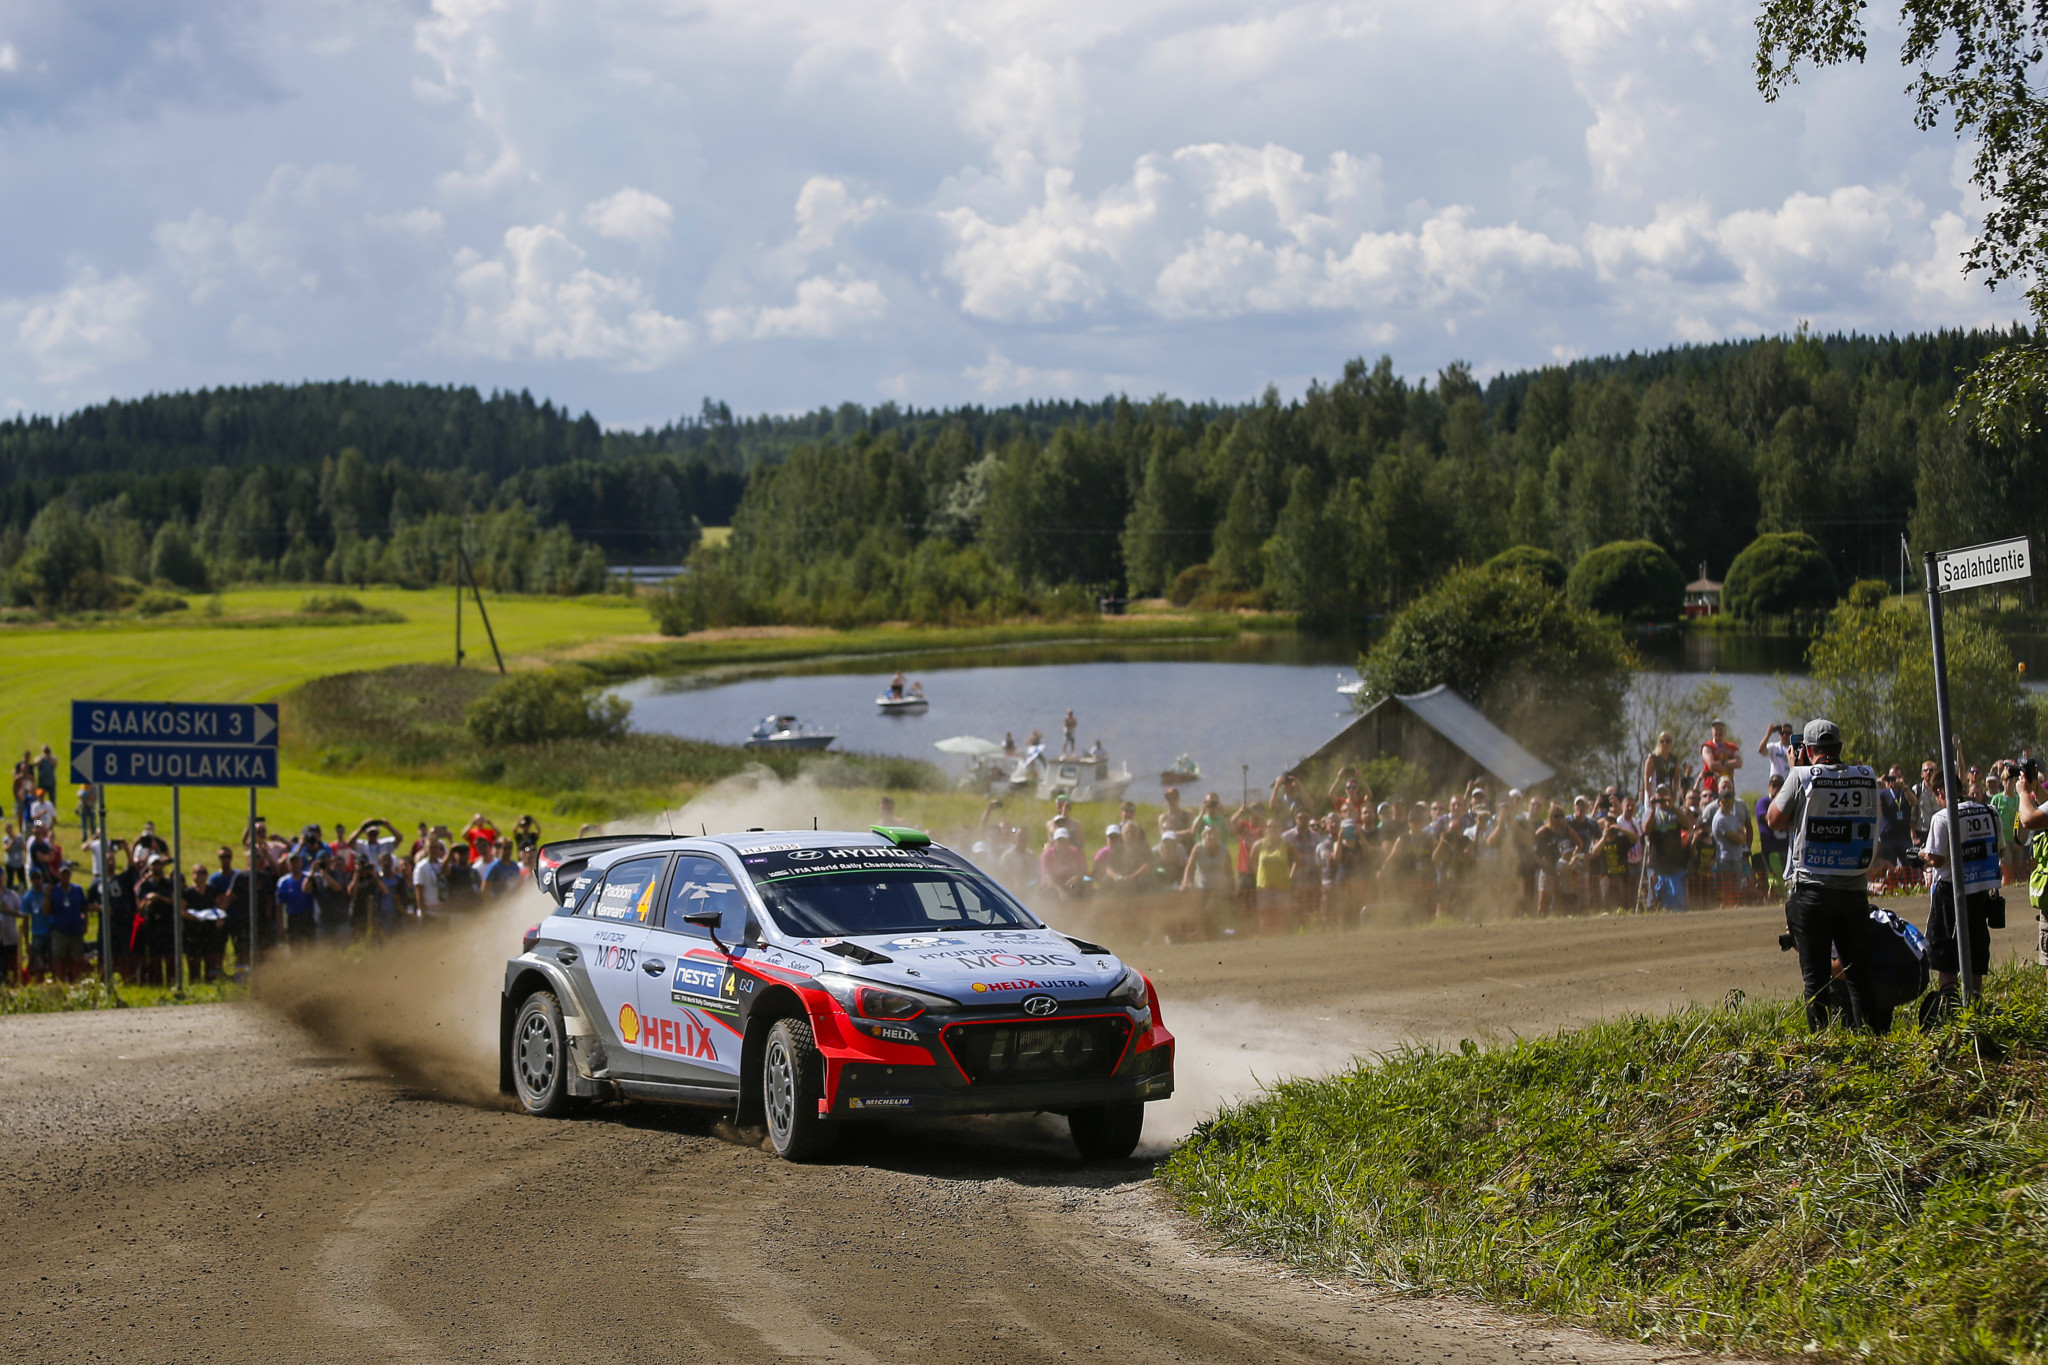 WRC: Breen quinto alla fine della seconda tappa con Lappi al comando